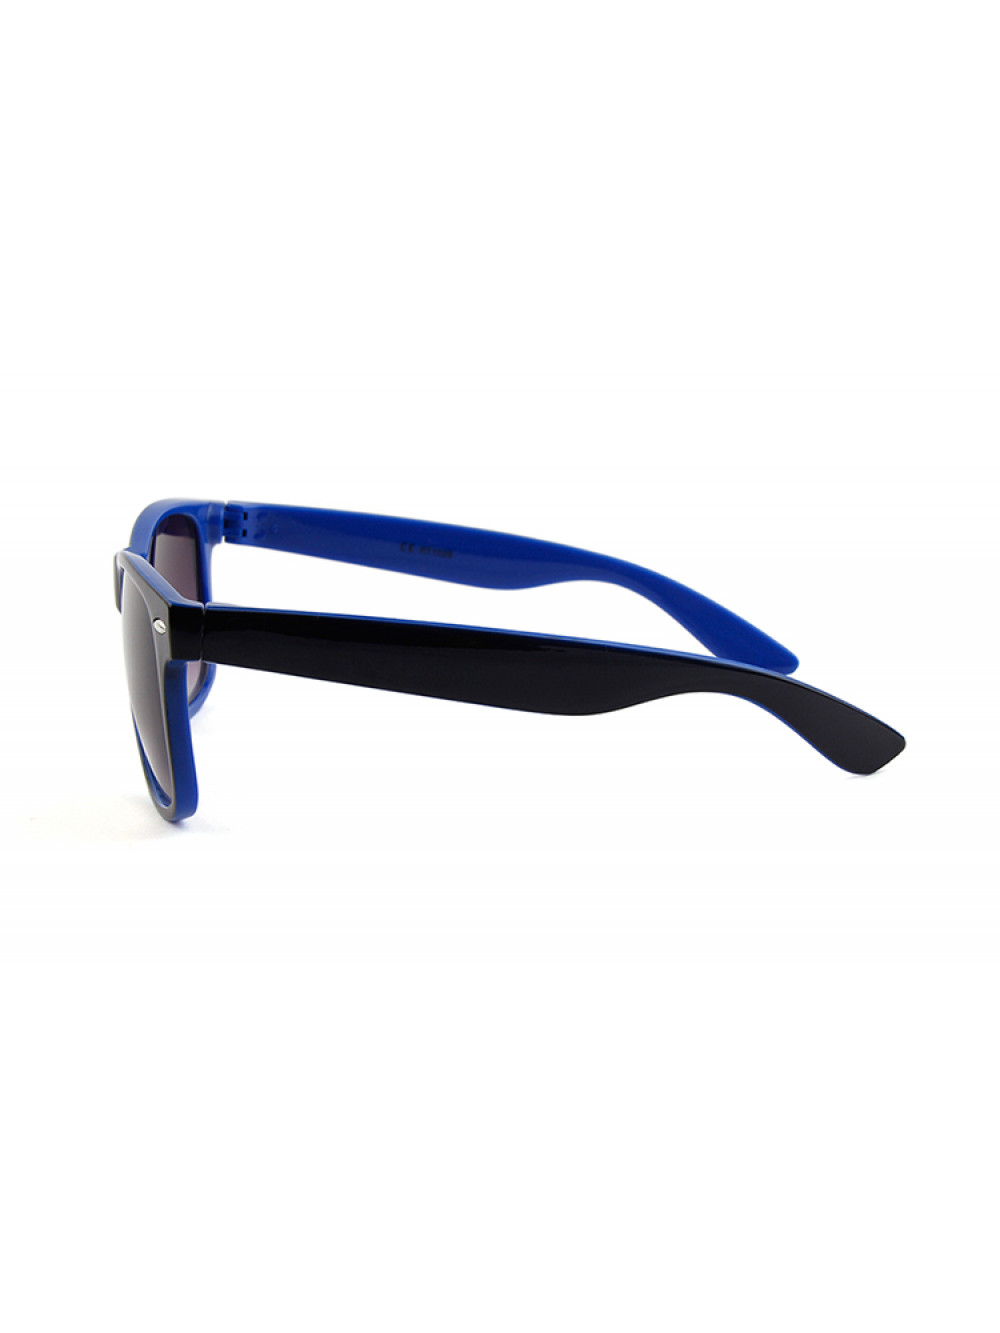 Slnečné okuliare Wayfarer Duo Blue a20666e615e